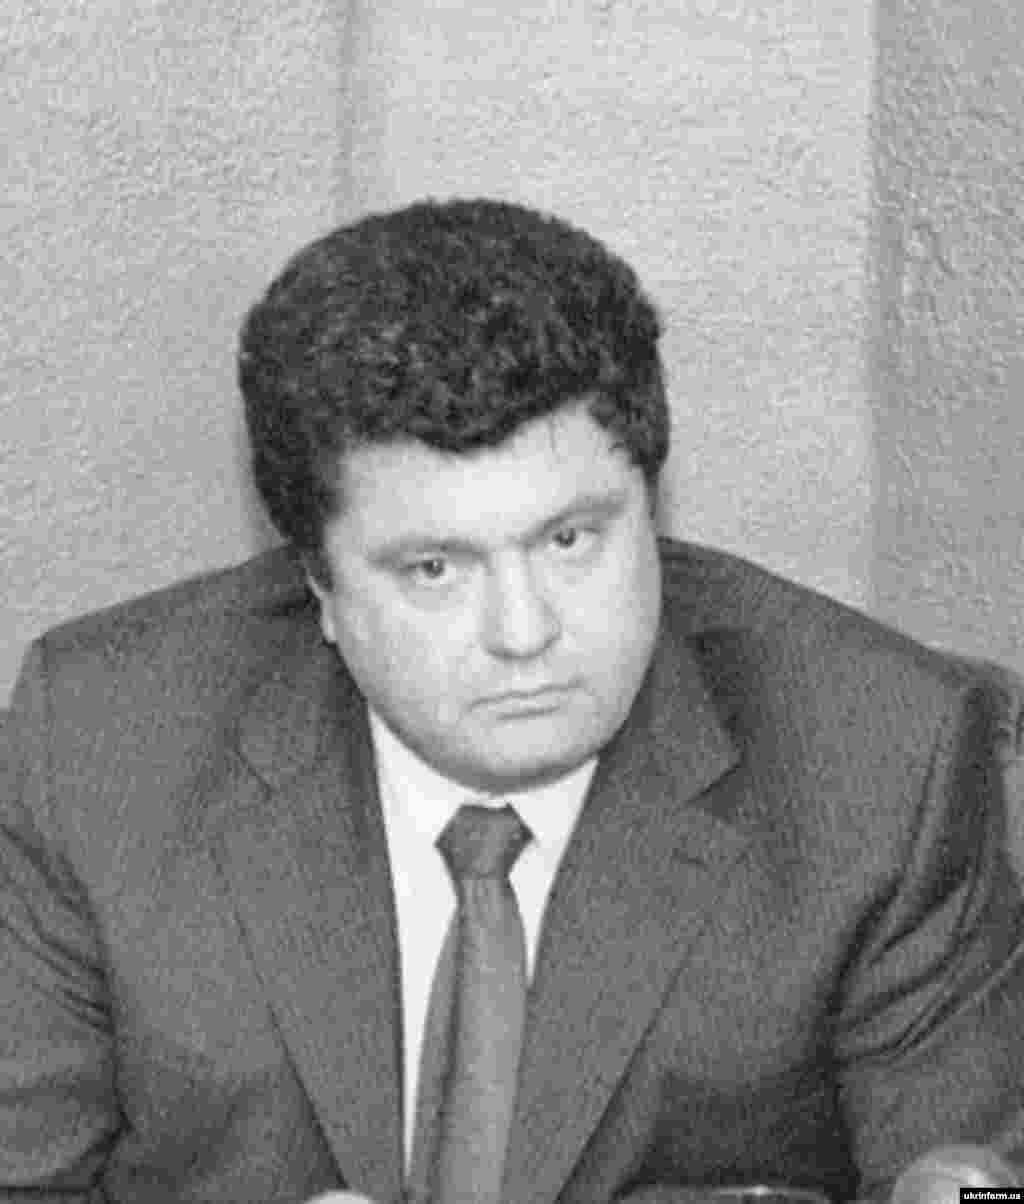 """На пресс-конференции, которая состоялась 16 ноября 2000 года, руководители пяти украинских политических организаций объявили о намерении объединиться в единственную политическую силу. Среди них и партия """"Солидарность"""", лидером которой до сих пор является Петр Порошенко"""